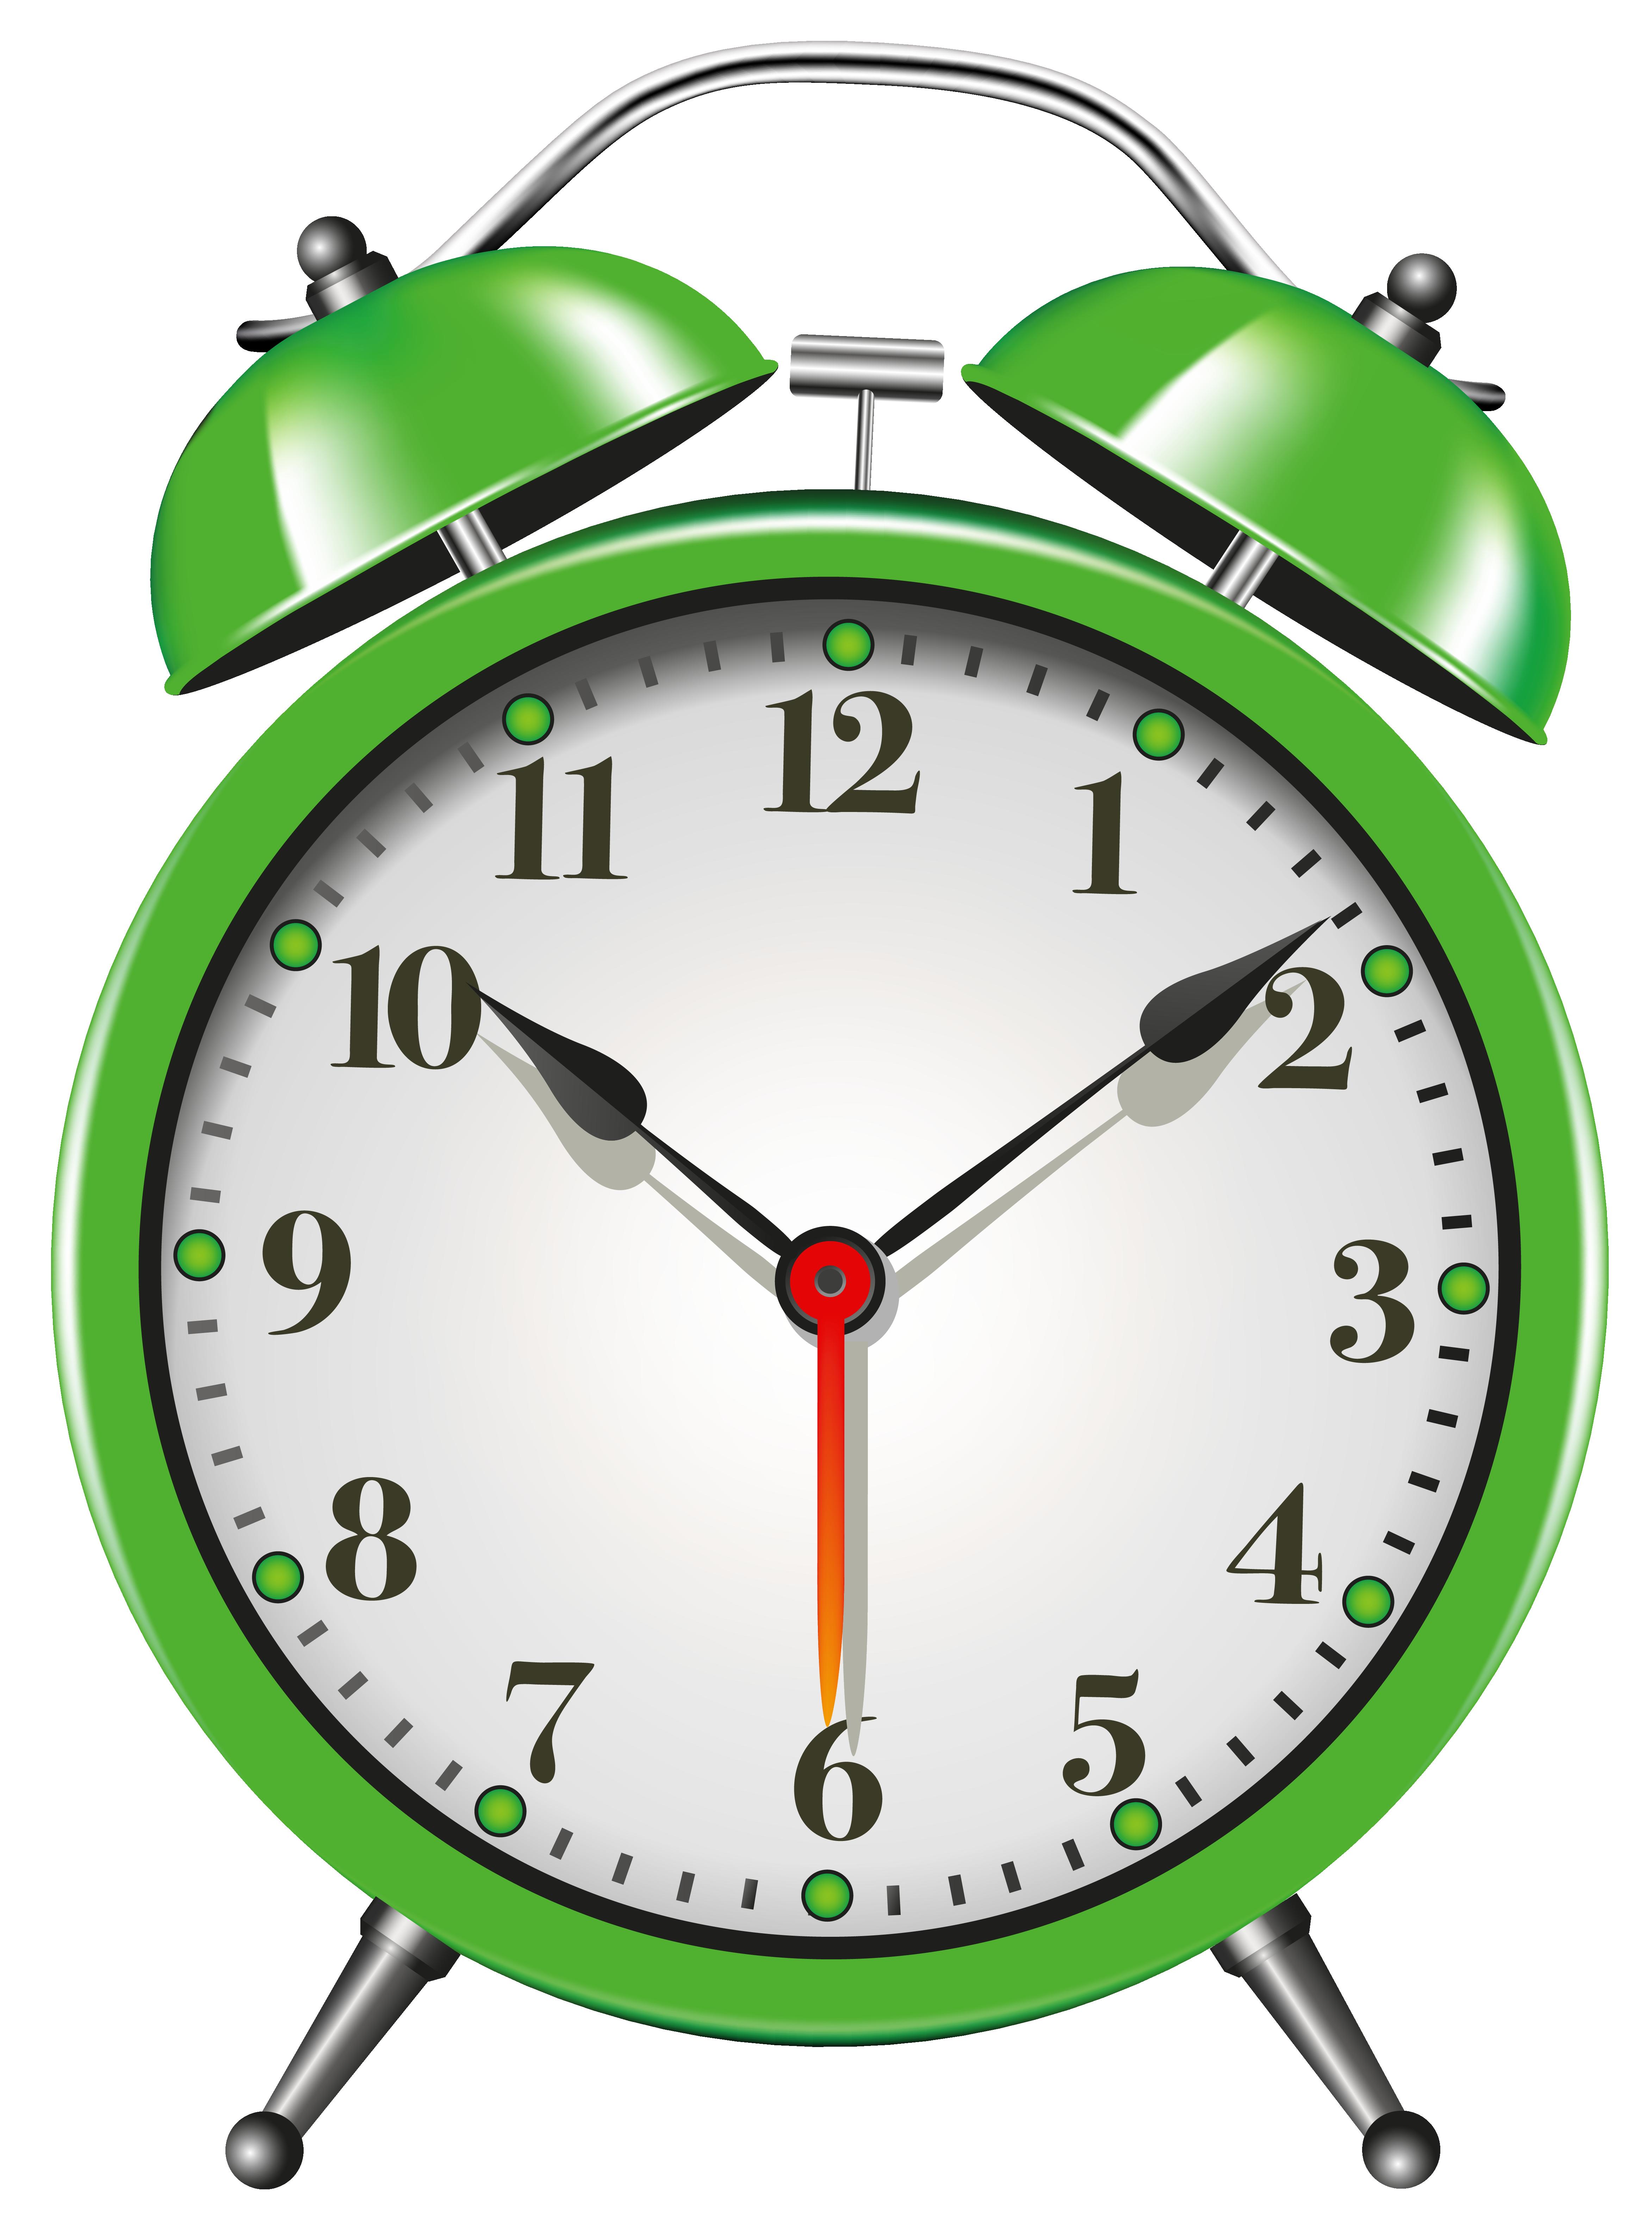 Clocks clipart superhero. Green alarm clock png